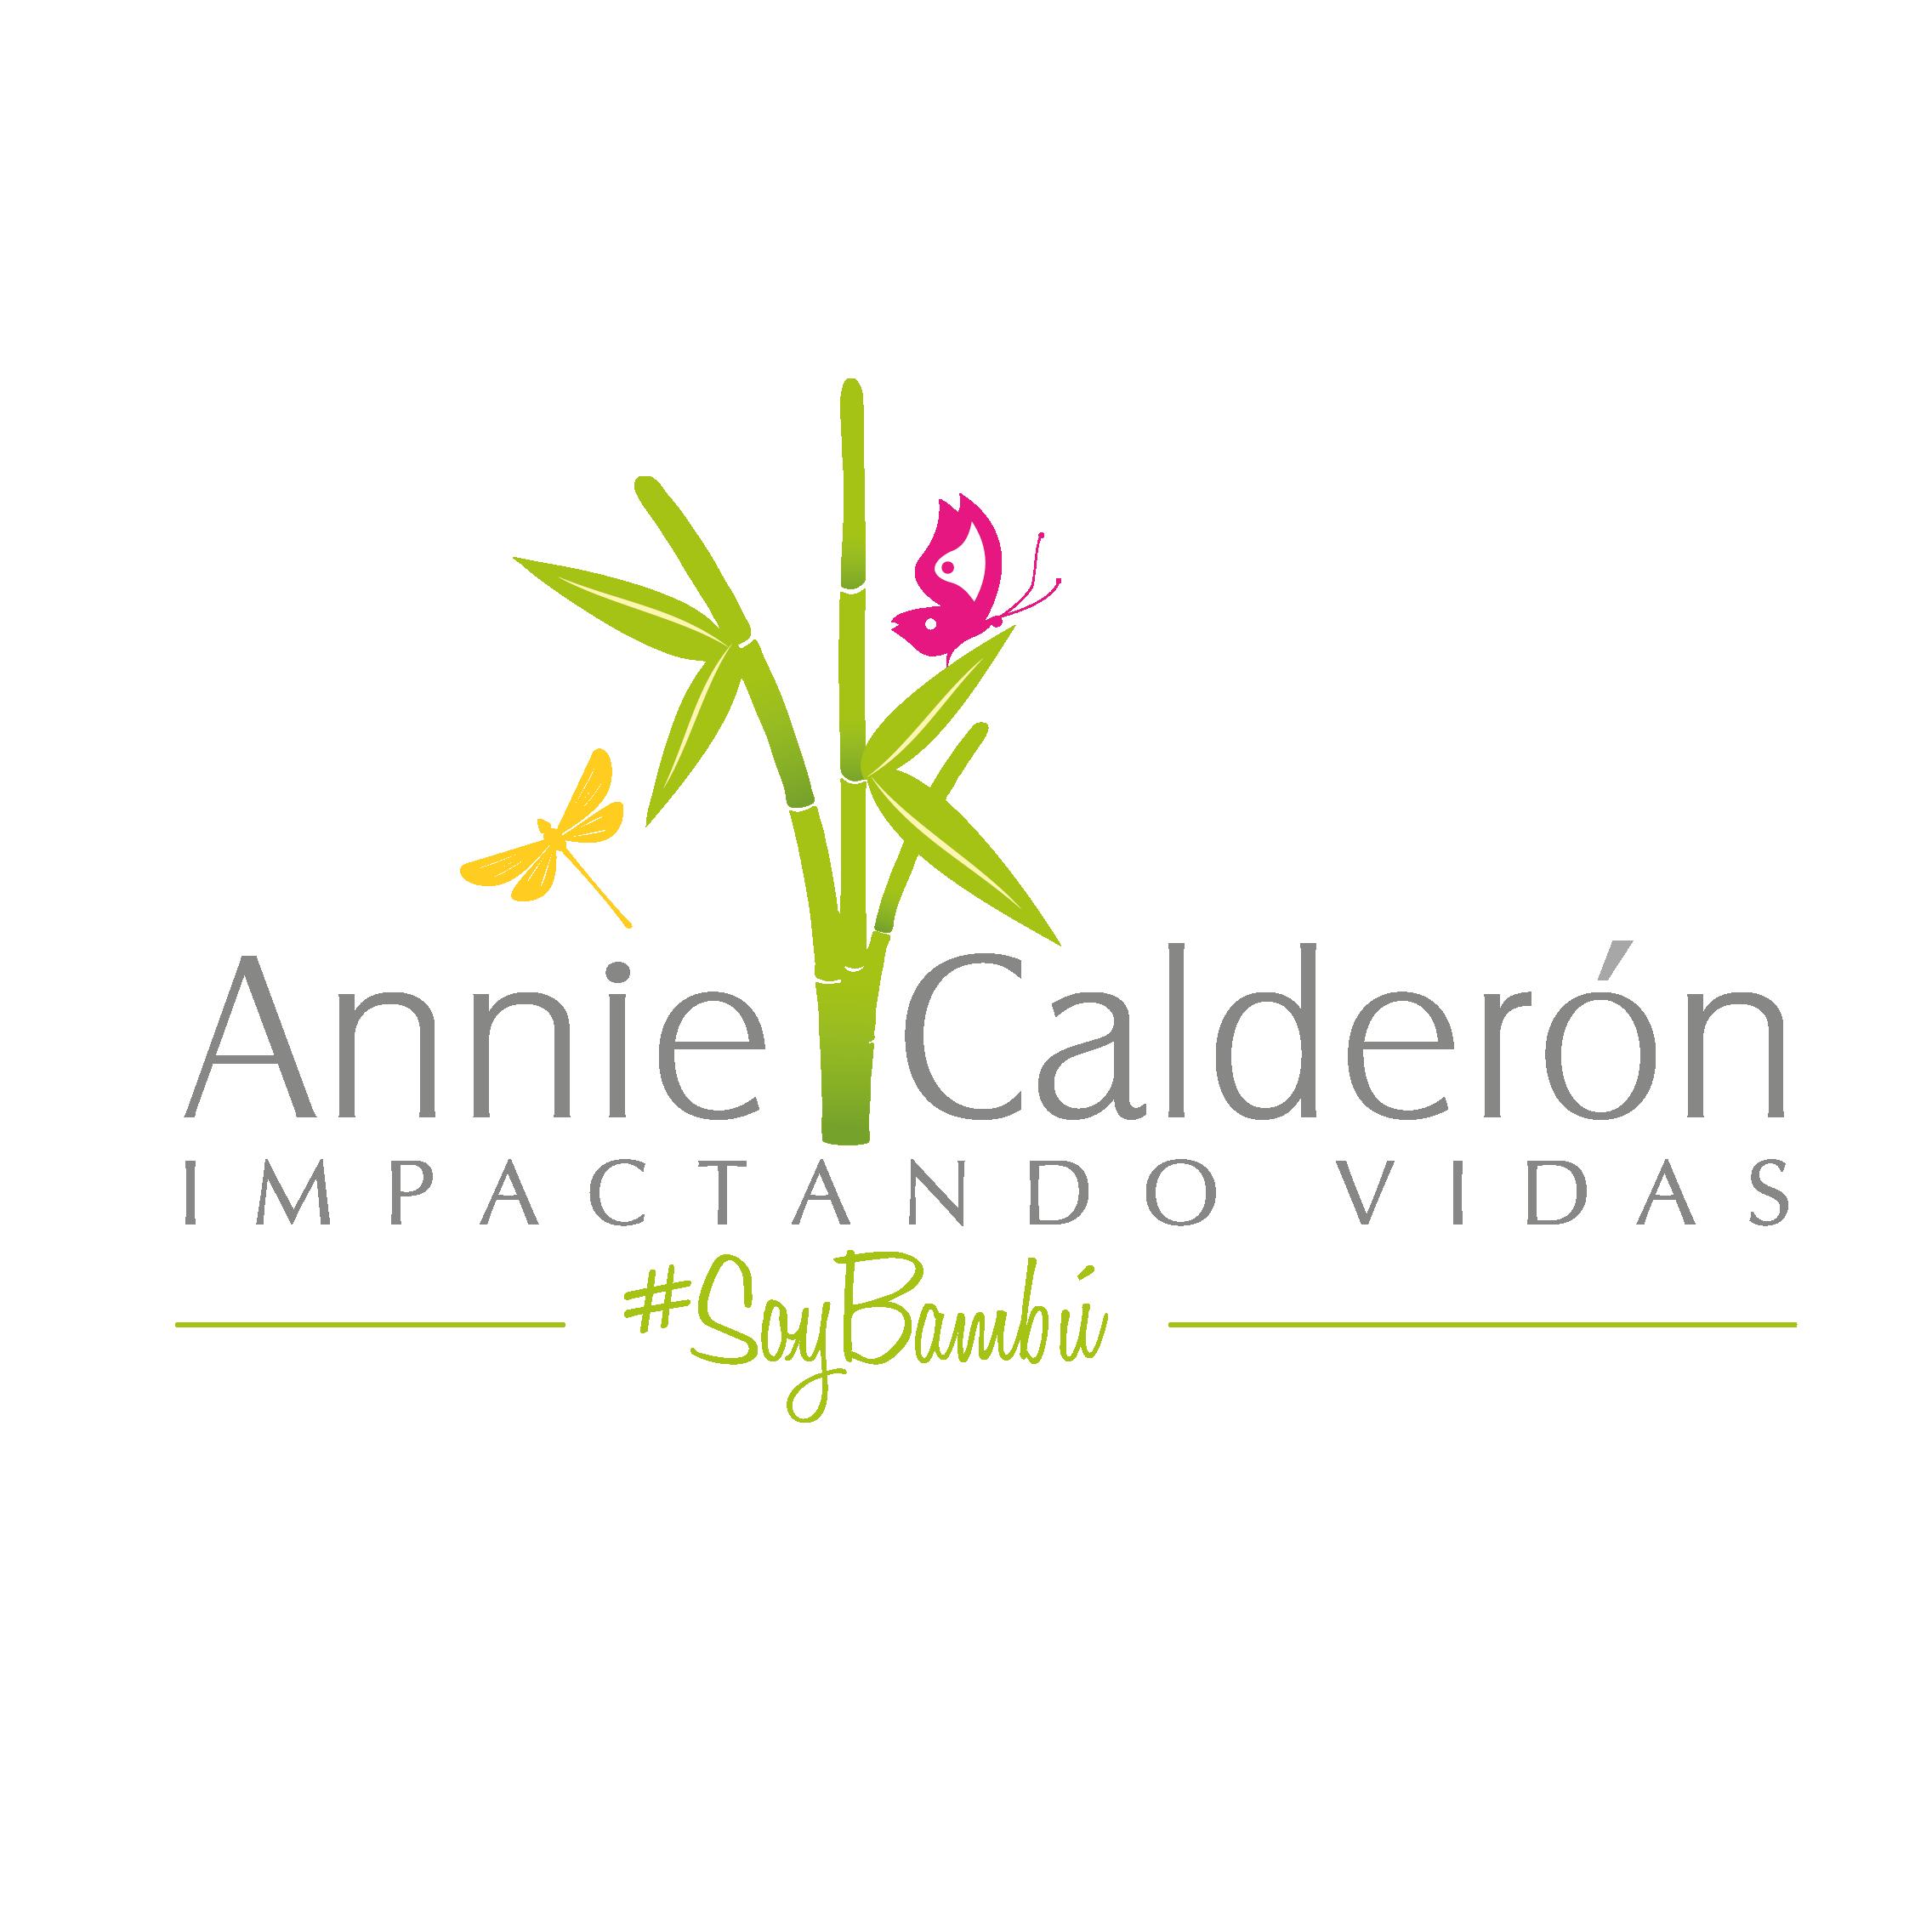 Annie Calderon